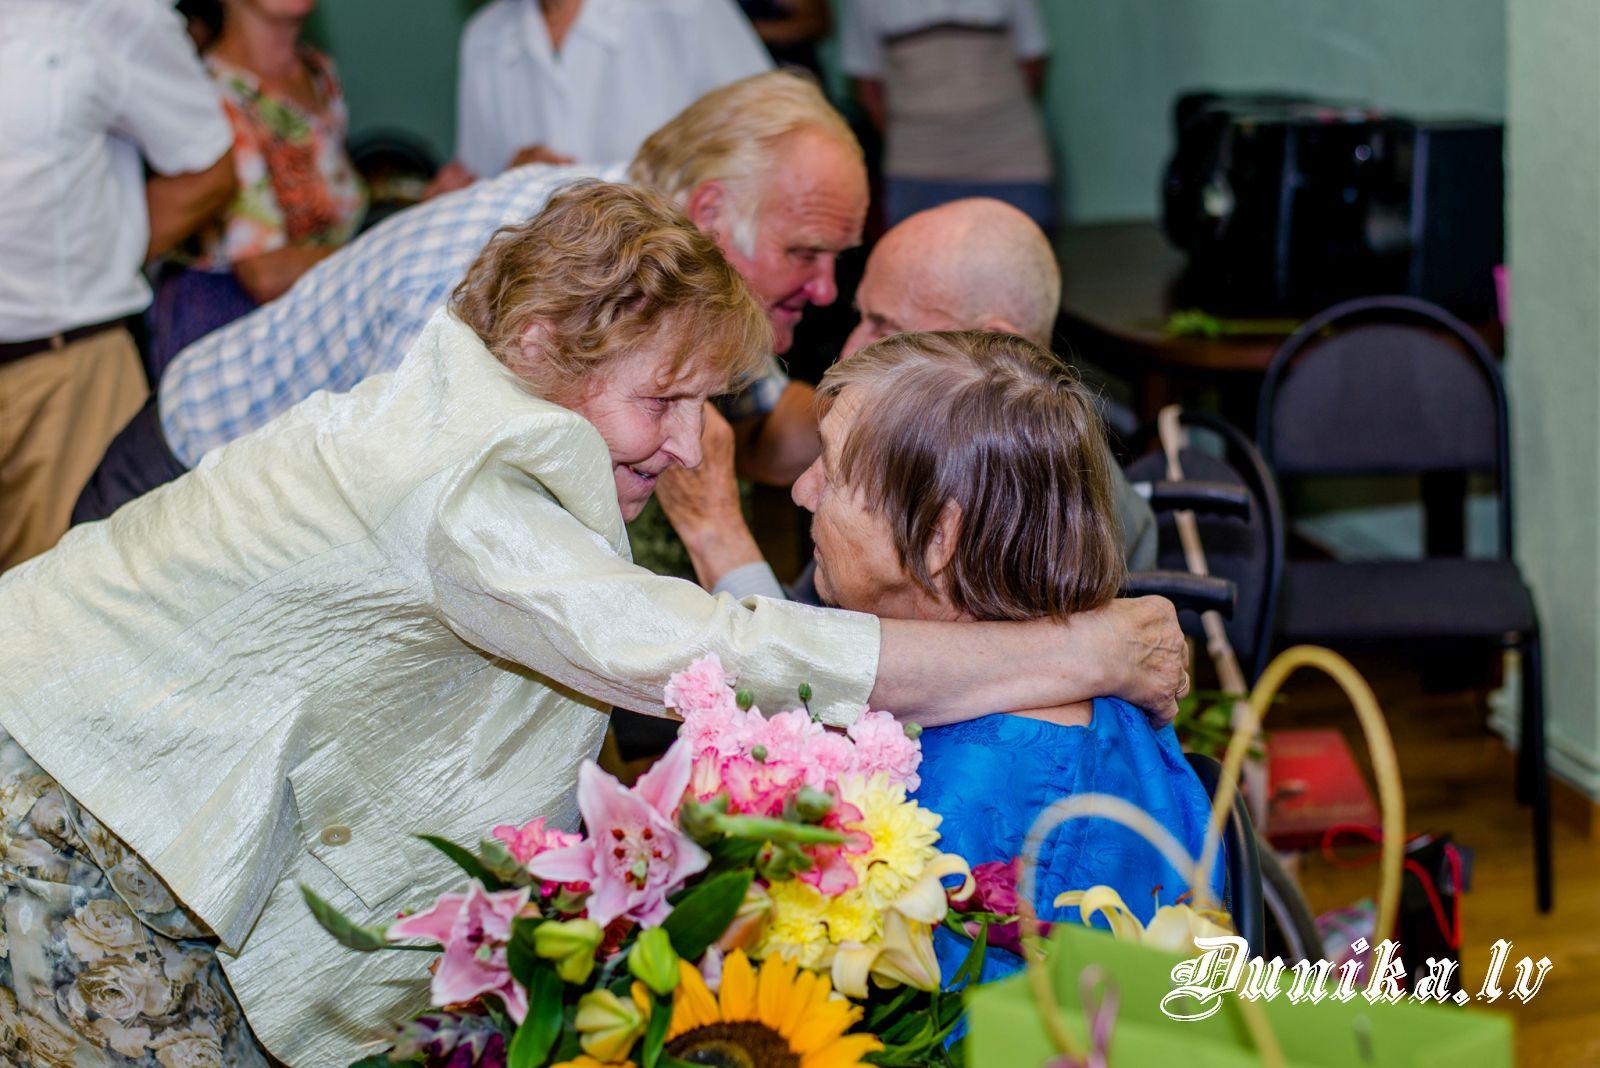 M.Pelīte un viņa Anniņa saņem sirsnīgus apsveikumus